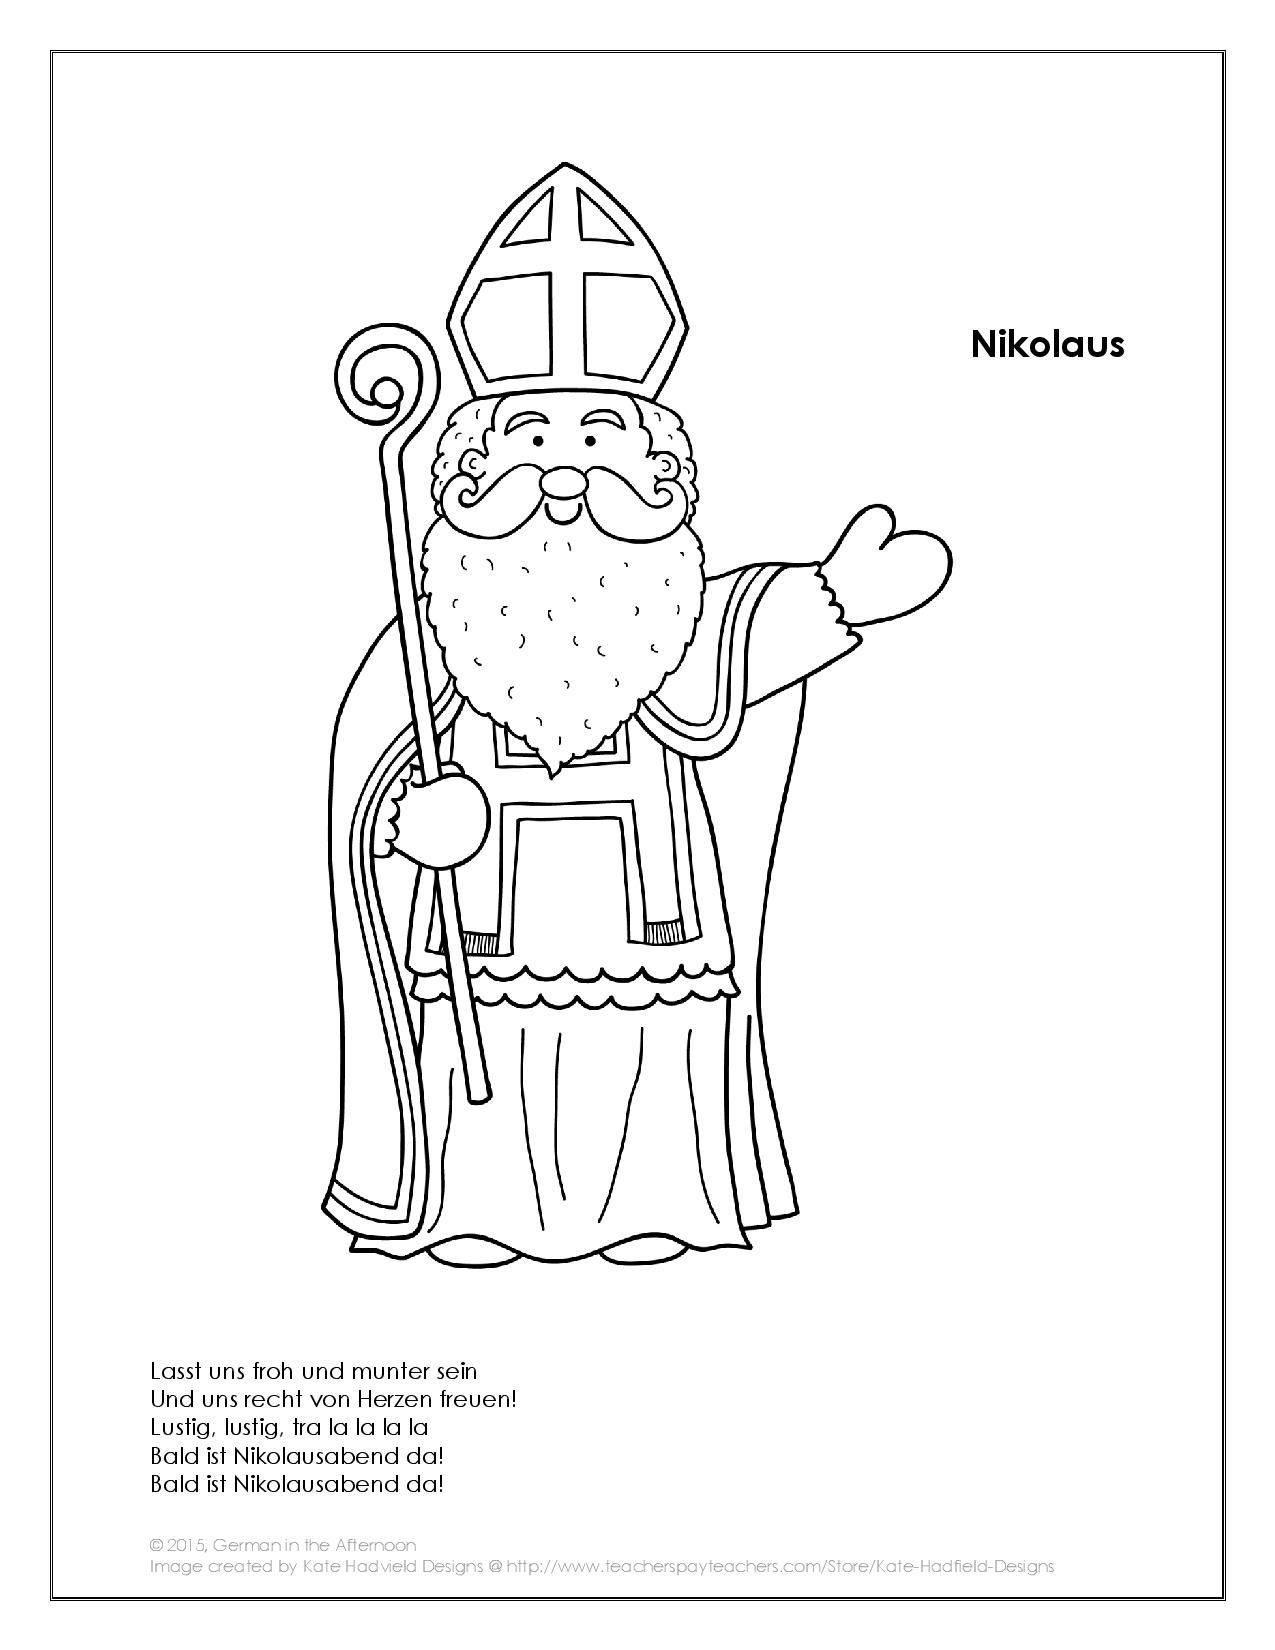 Niedlich Nikolaus Sankt Malvorlage Bilder Malvorlagen Ideen